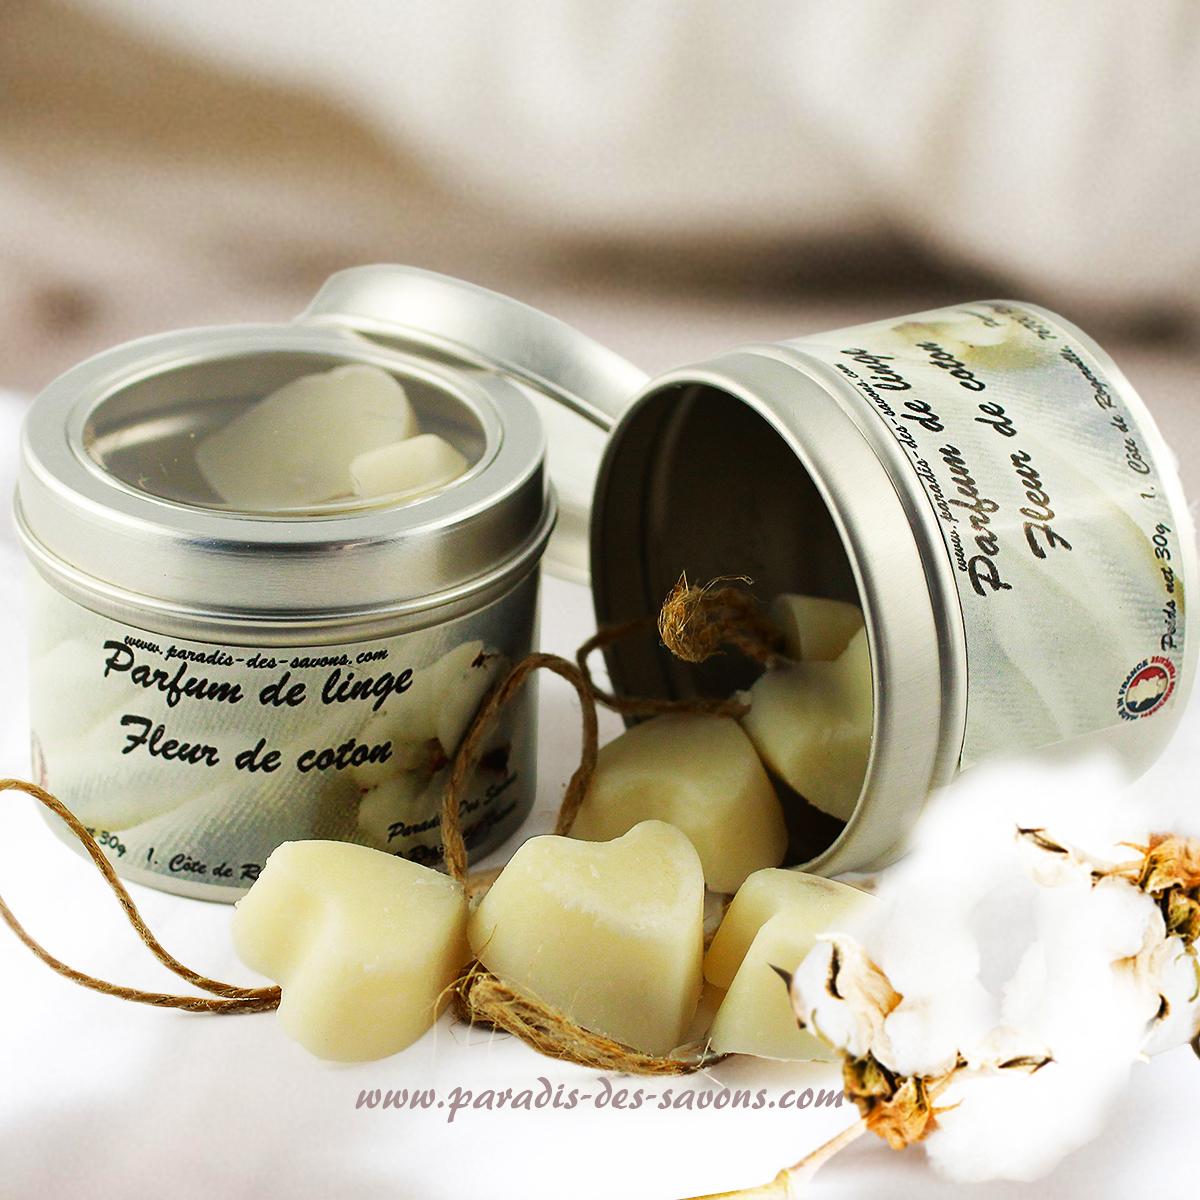 Parfum de linge Fleur de coton